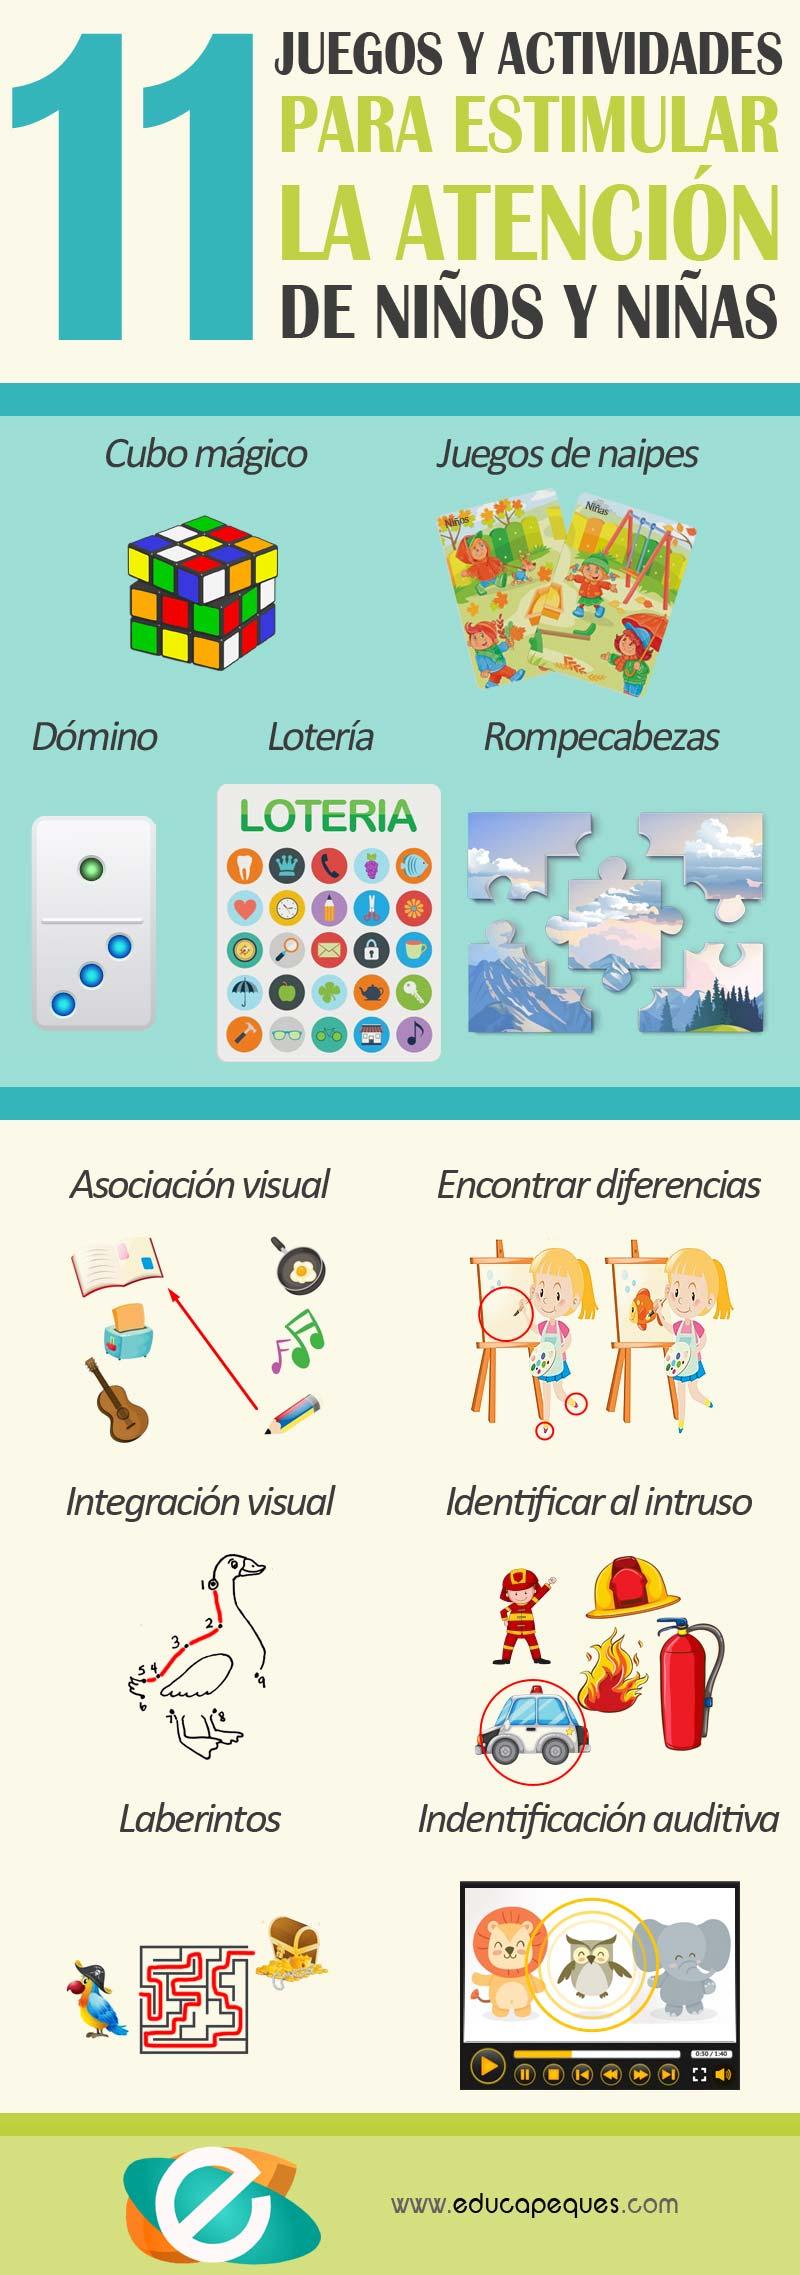 11 Juegos Y Actividades Para Estimular La Atencion Educapeques